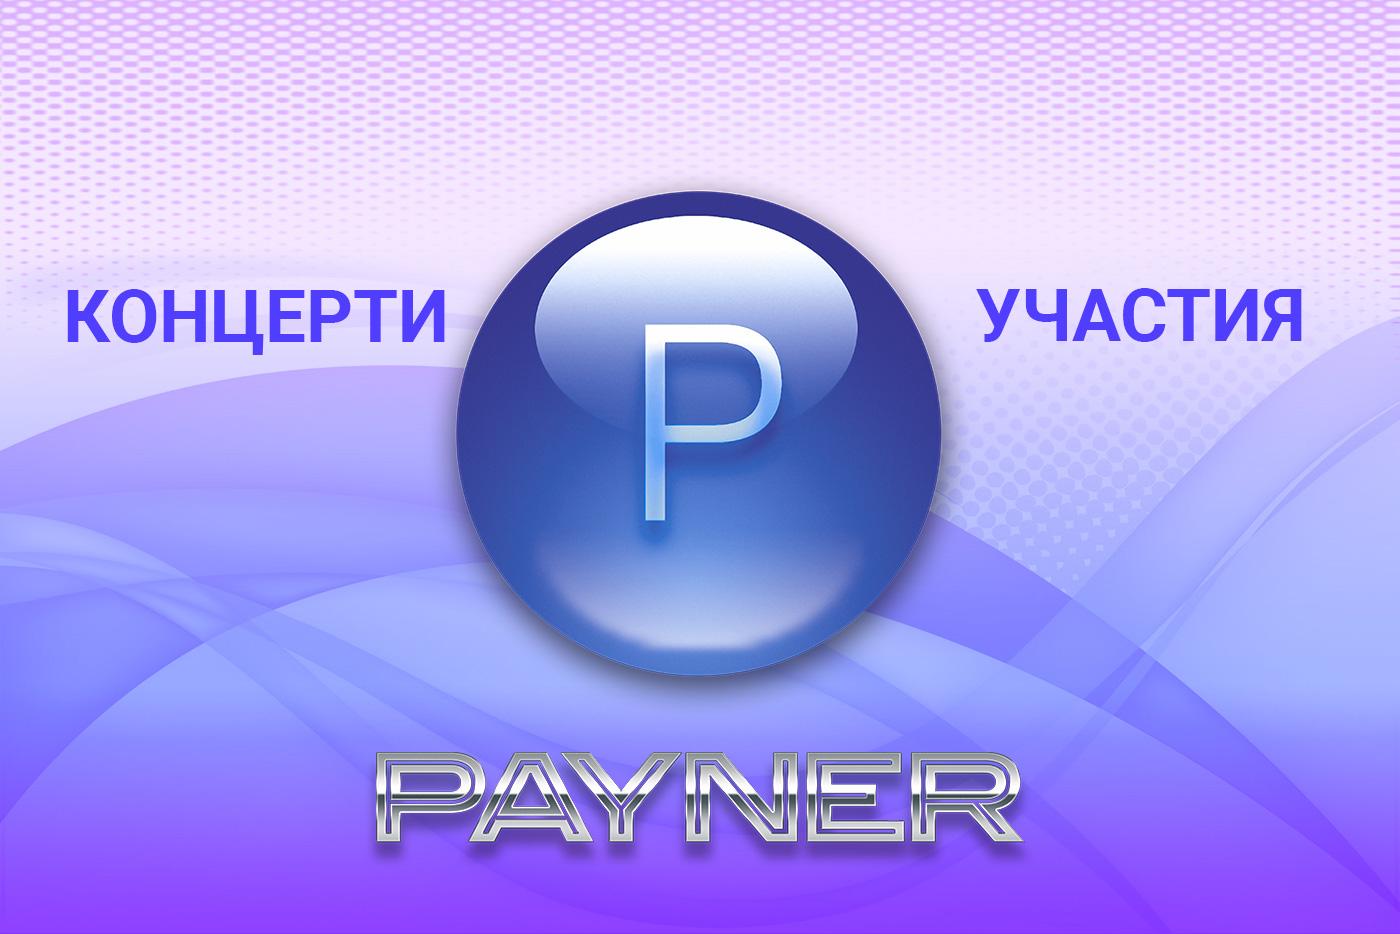 """Участия на звездите на """"Пайнер"""" на 19.06.2019"""